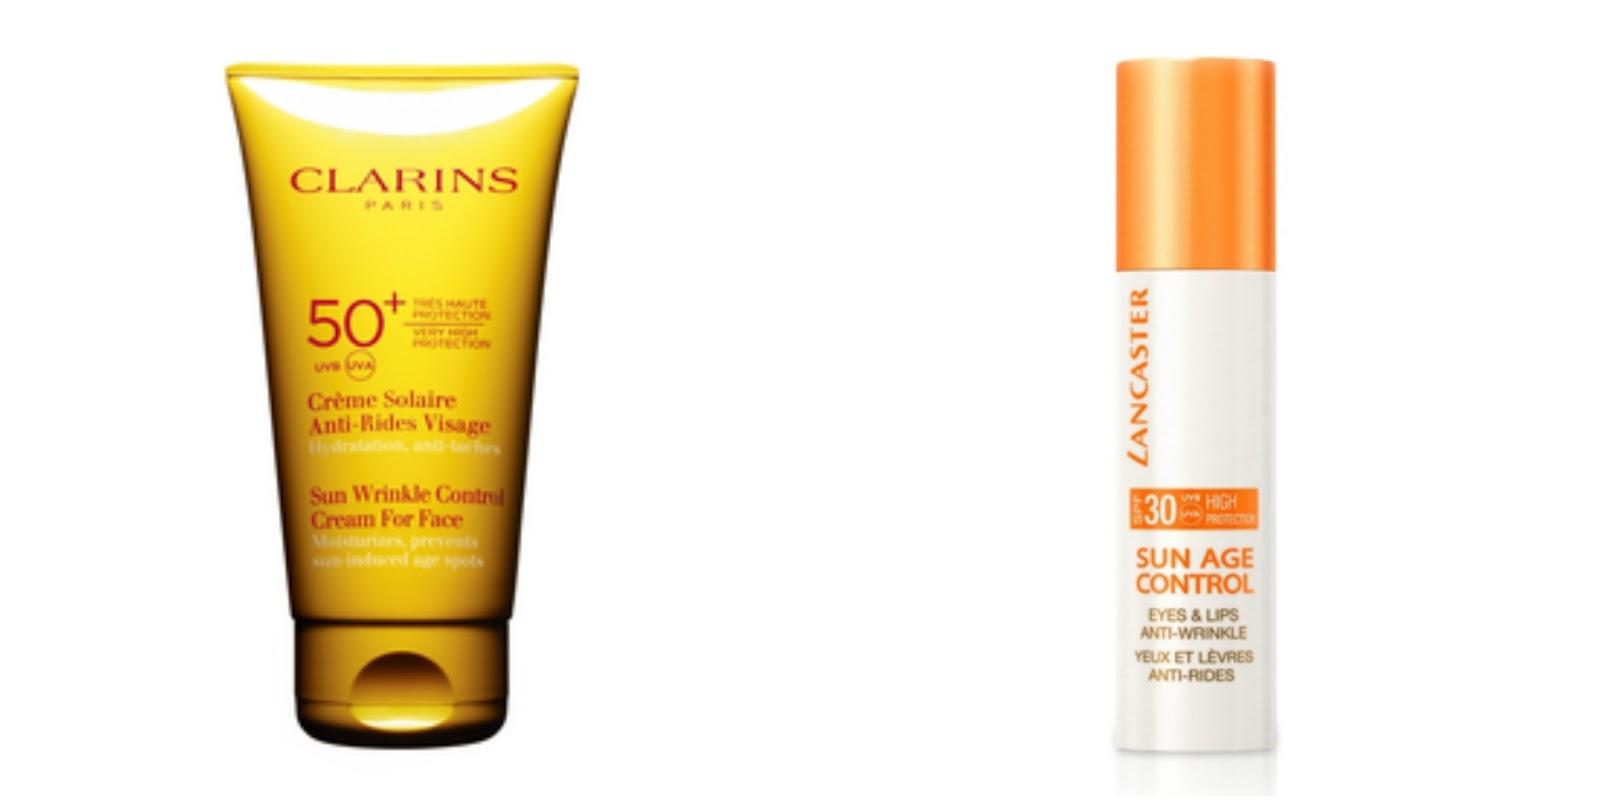 Protectores solares para el rostro: Clarins & Lancaster